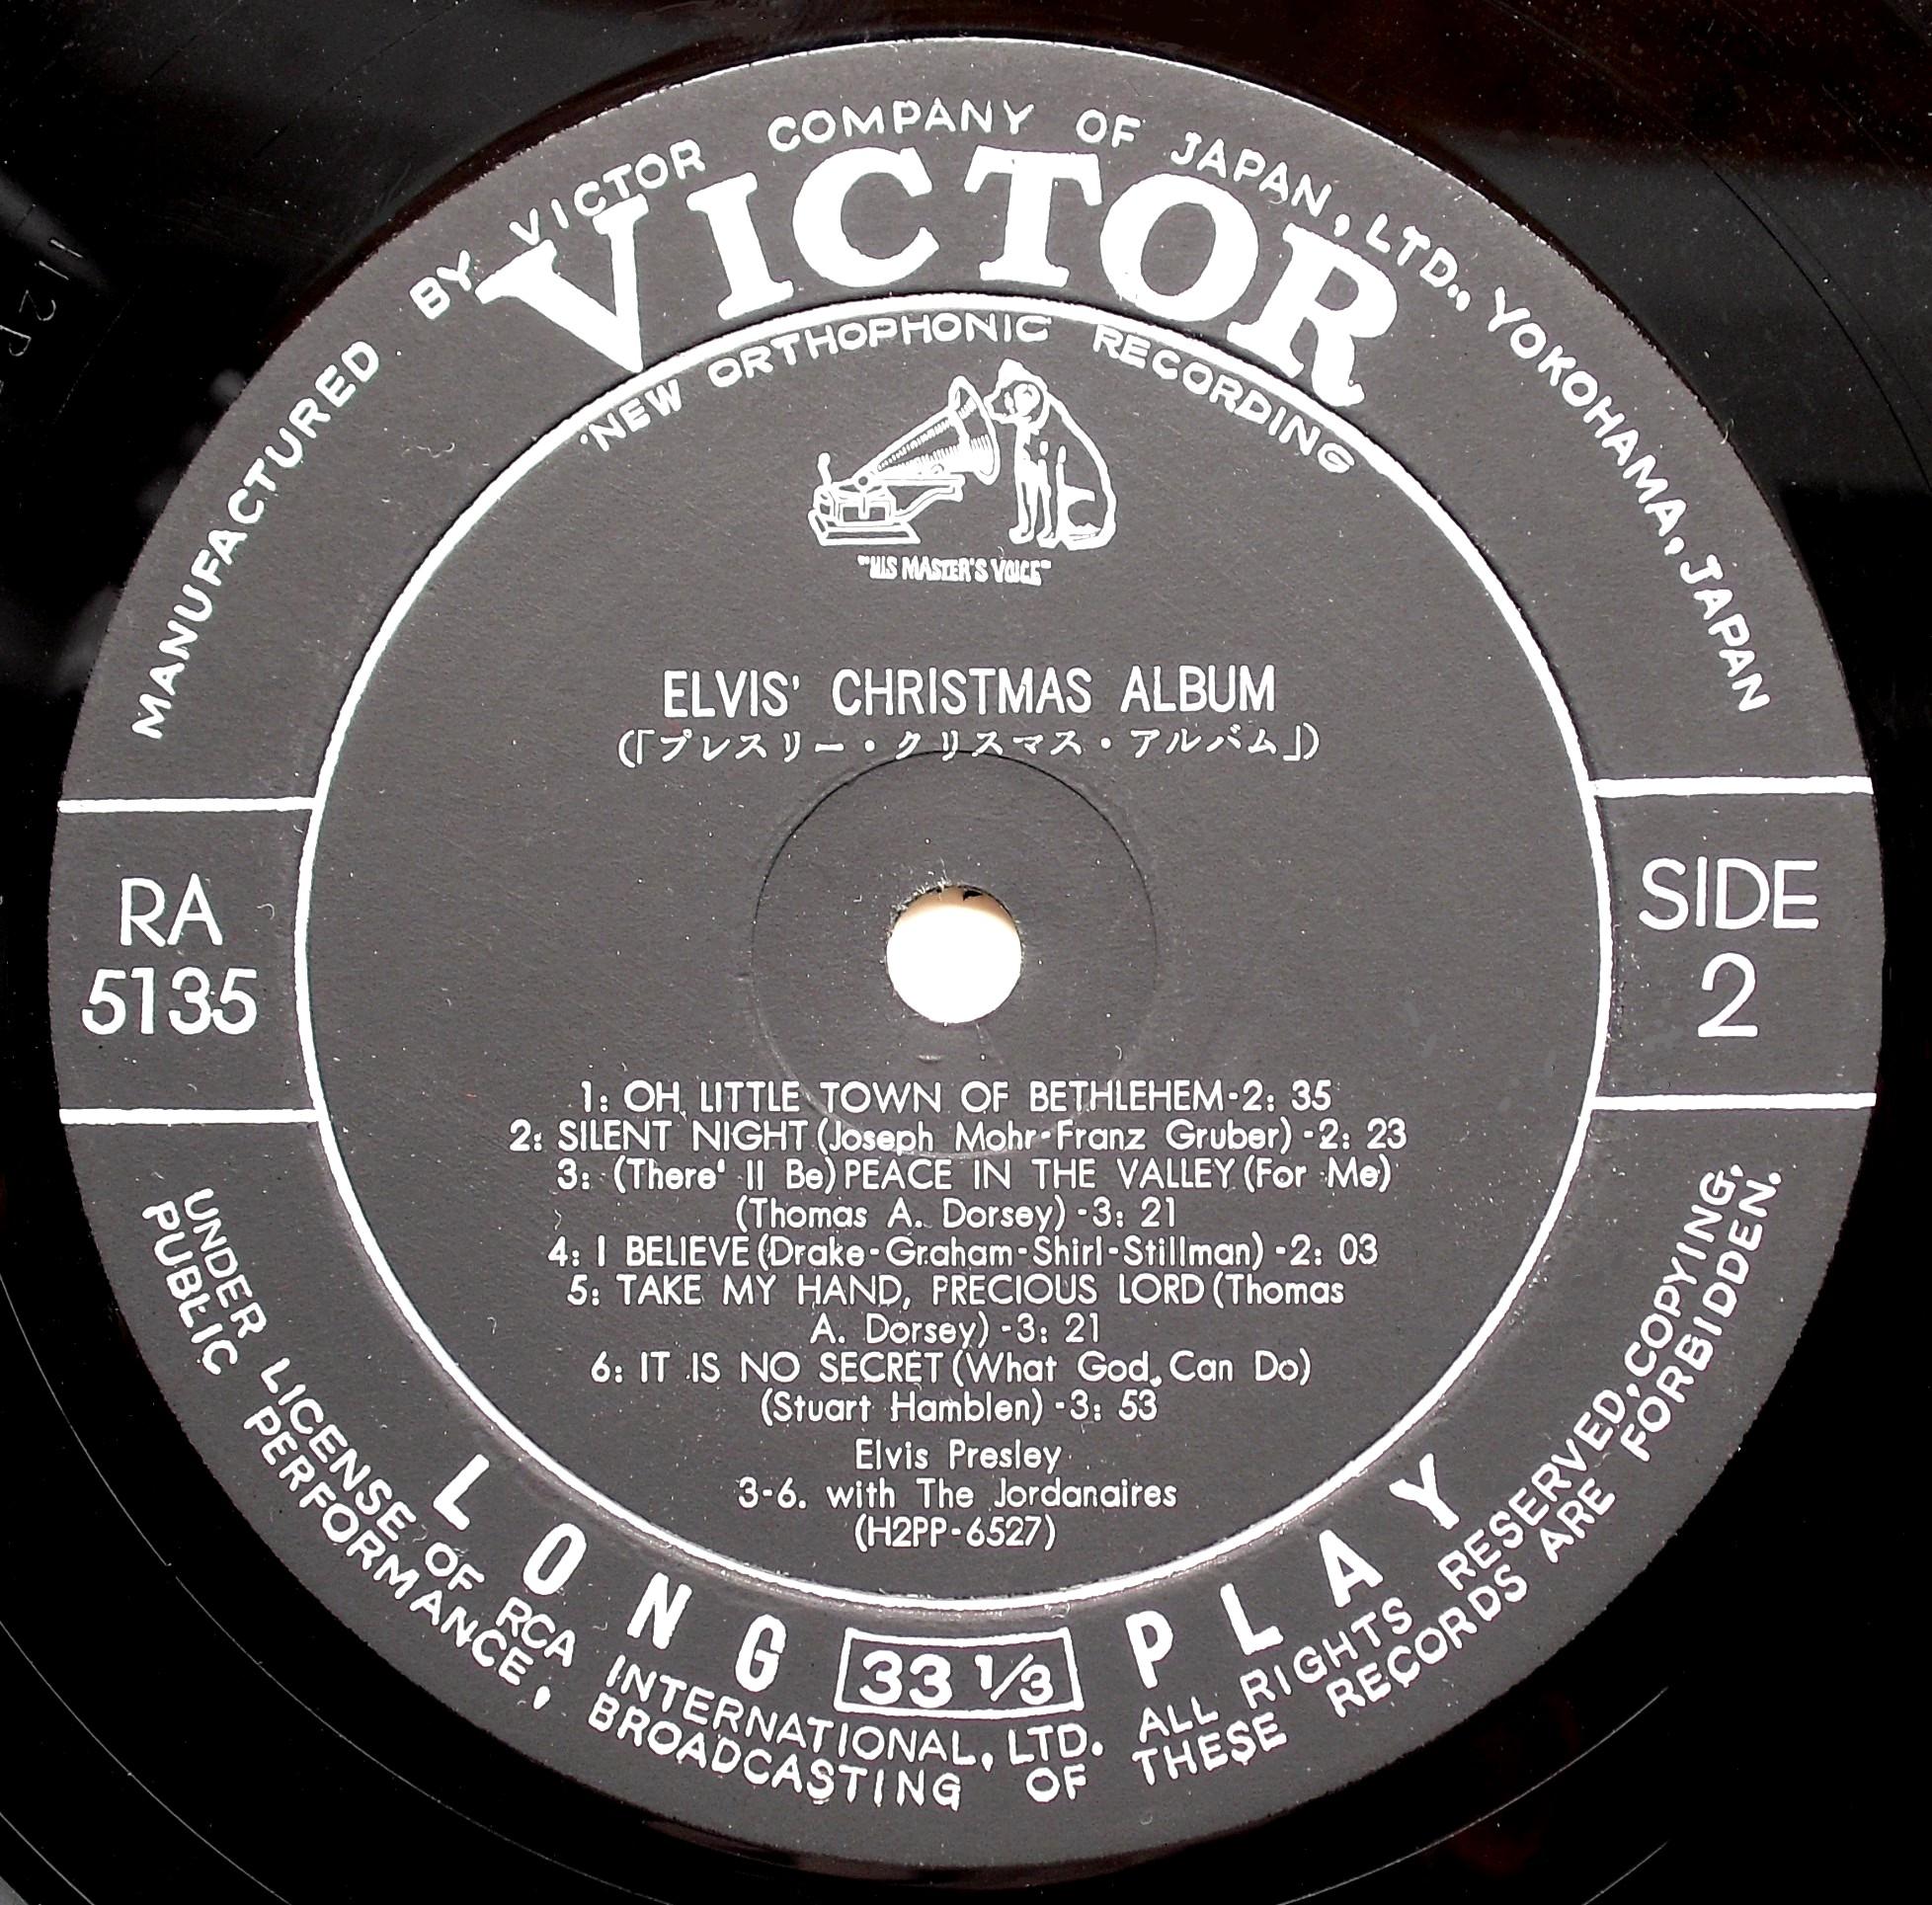 ELVIS' CHRISTMAS ALBUM 04s2a6kow